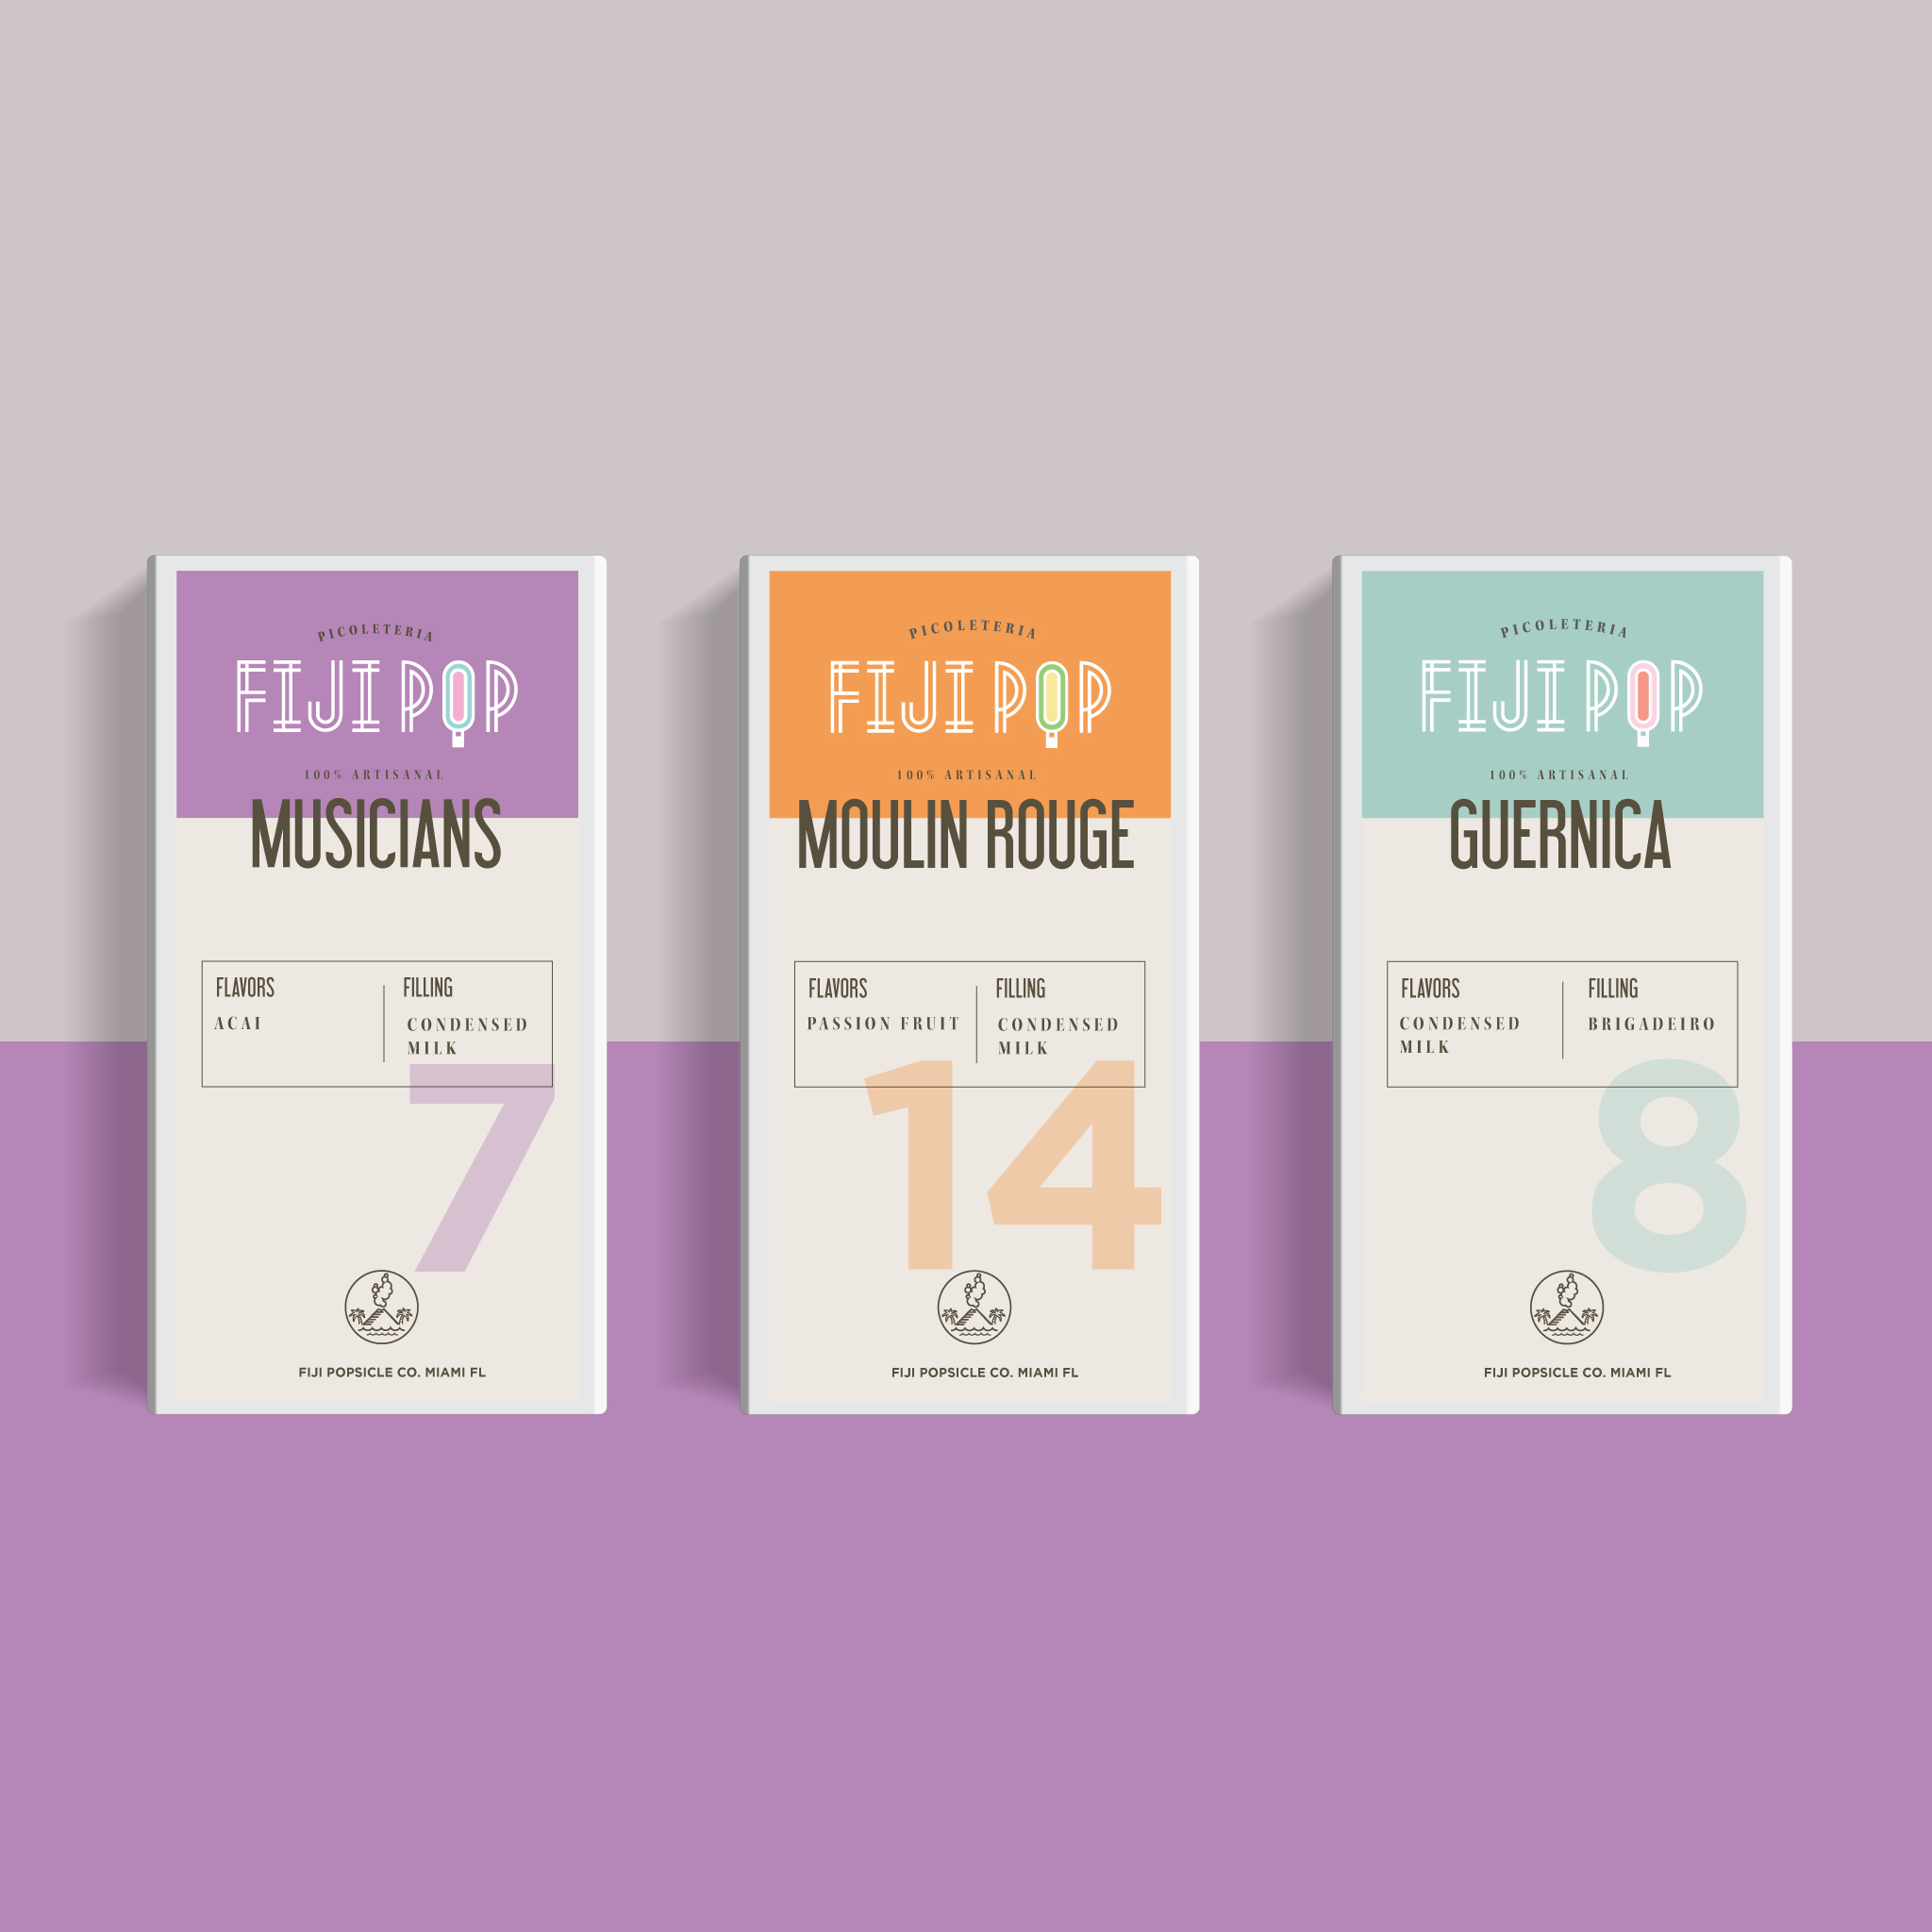 Fijipop Popsicle Co